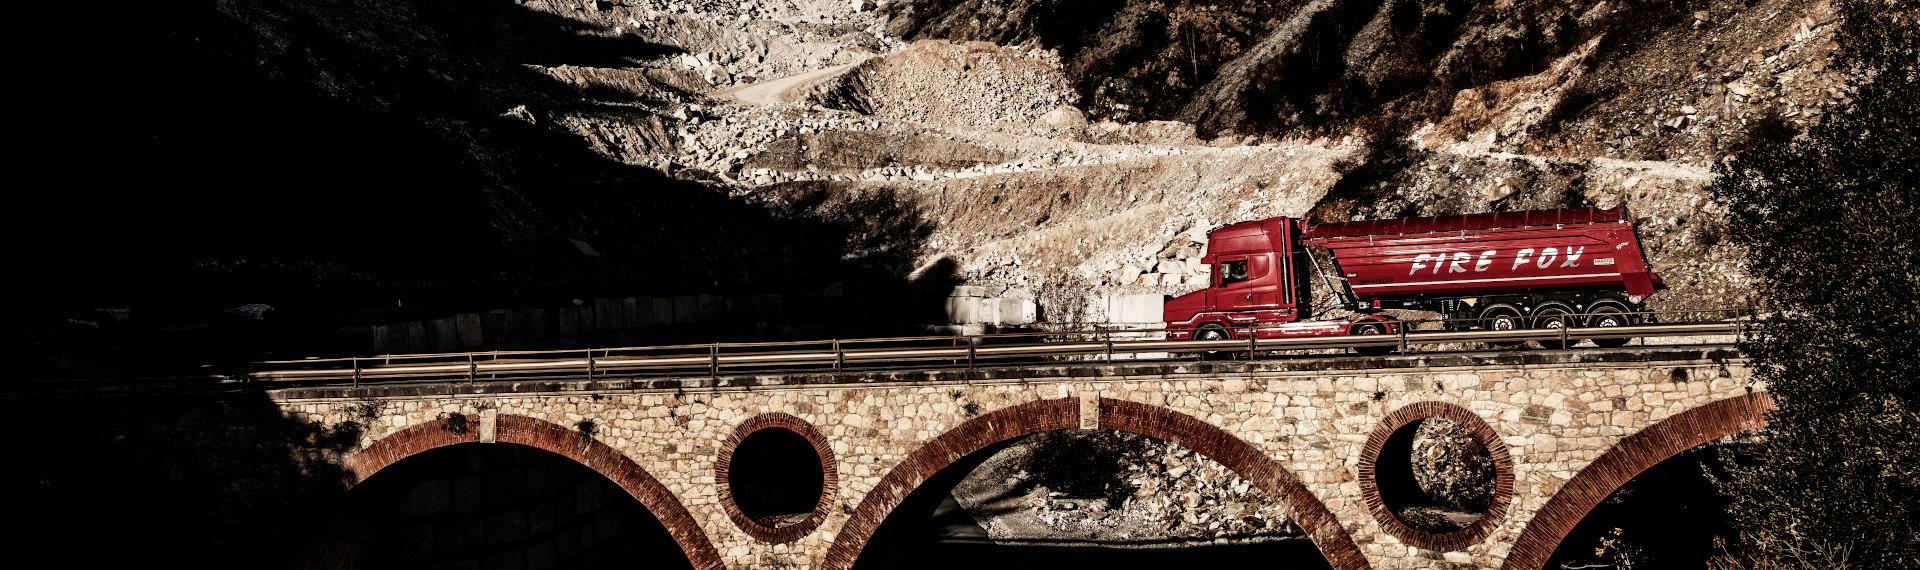 A fiery red Fire Fox truck, made in Hardox 500 Tuf steel plate, crossing a bridge